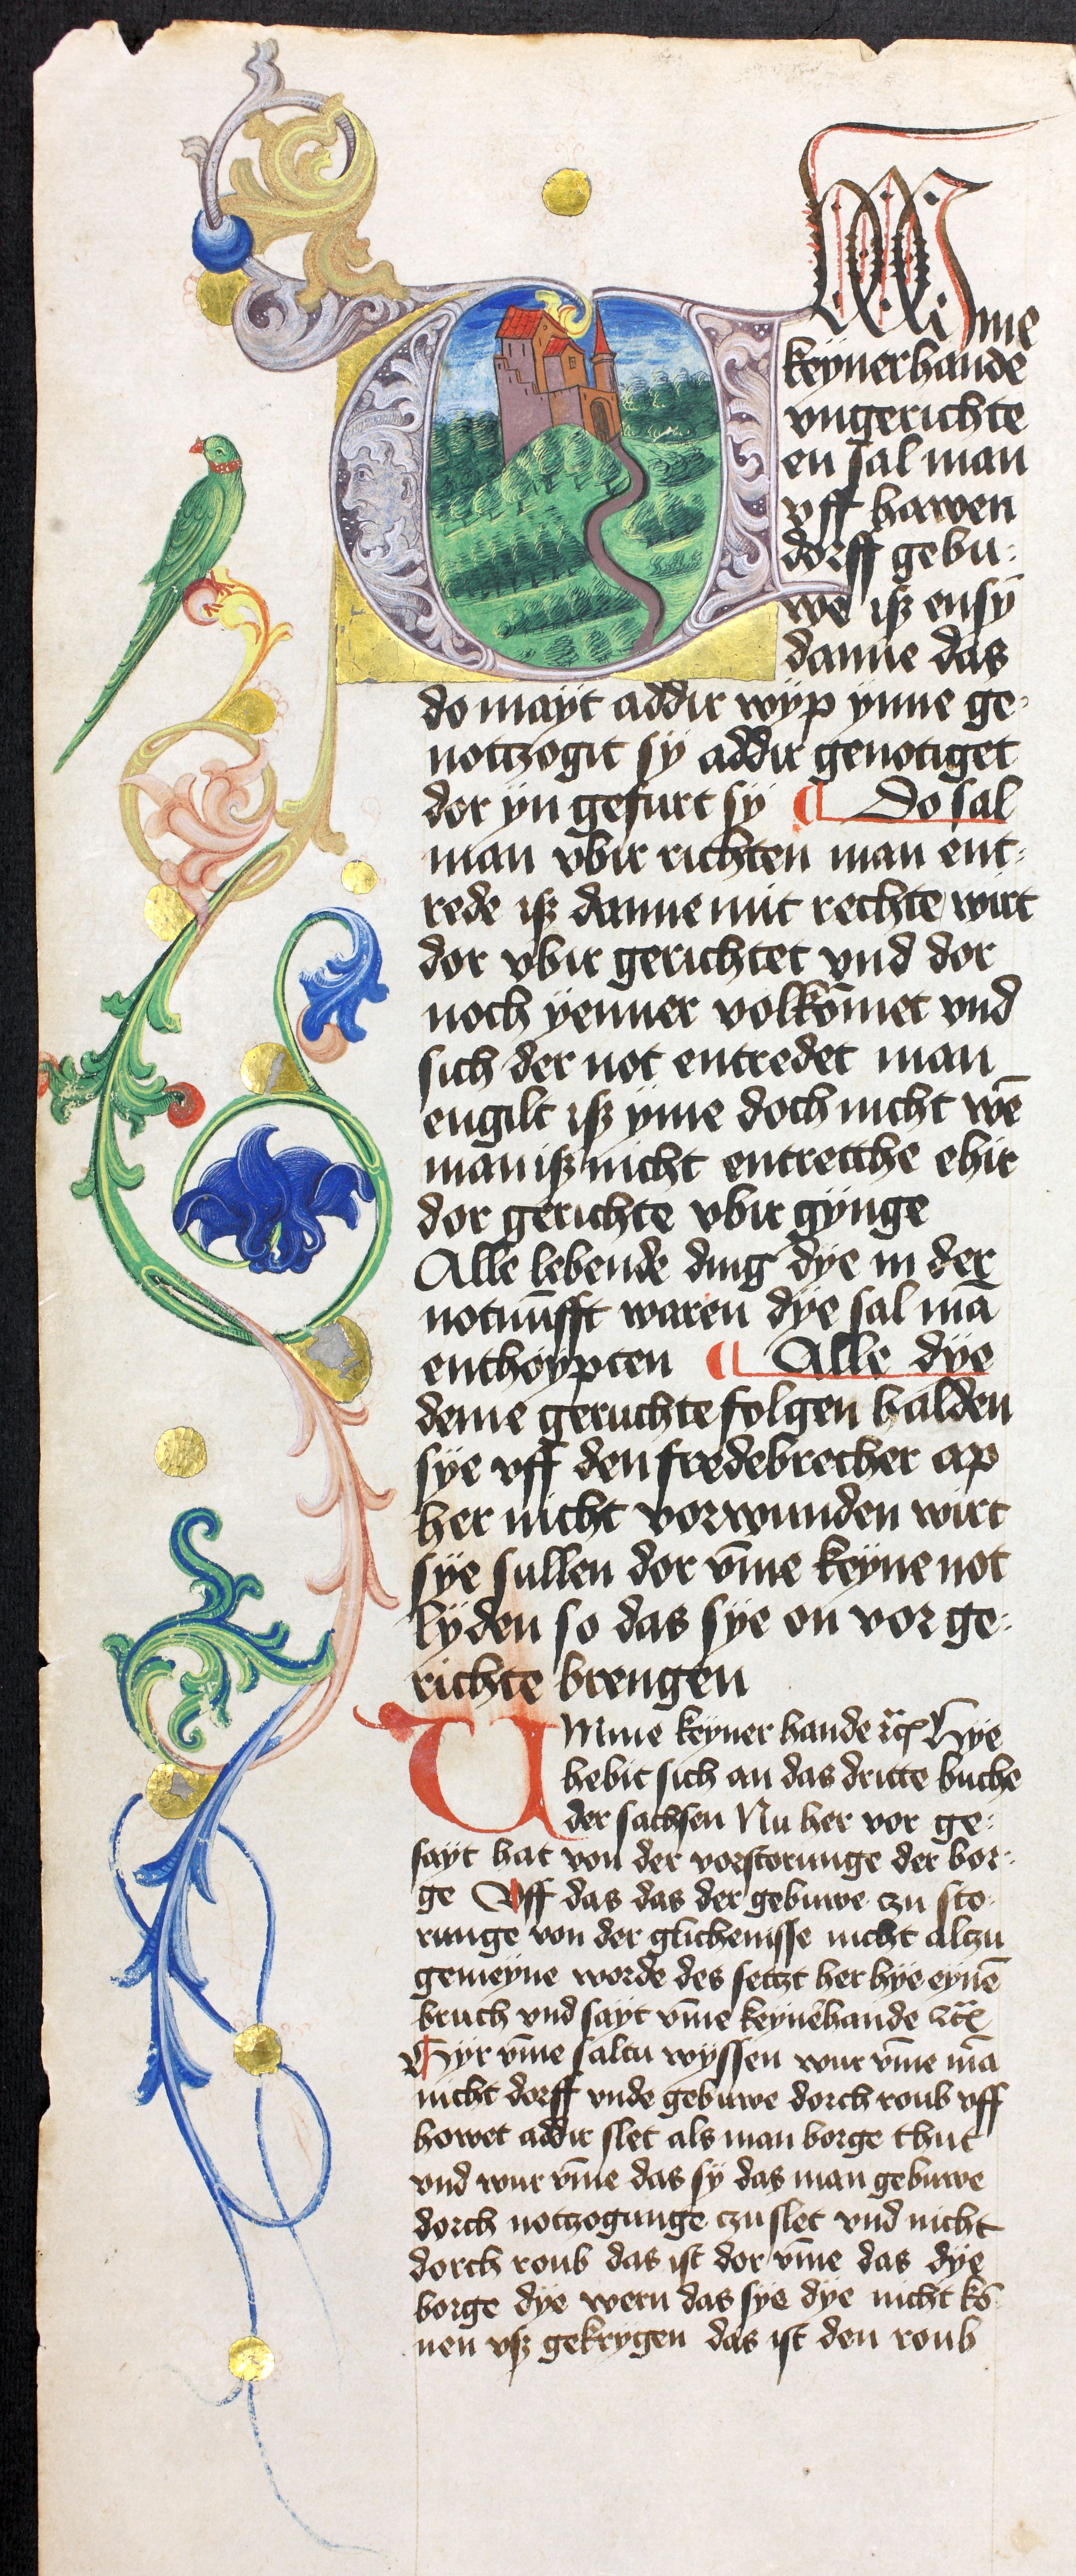 Abb. 7) Sachsenspiegel-Handschrift, geschrieben 1461 in Ostrau bei Halle, ausgestattet in der Leipziger Pfauenwerkstatt (Stadtgeschichtliches Museum Leipzig, II G 124, 119va, Detail)